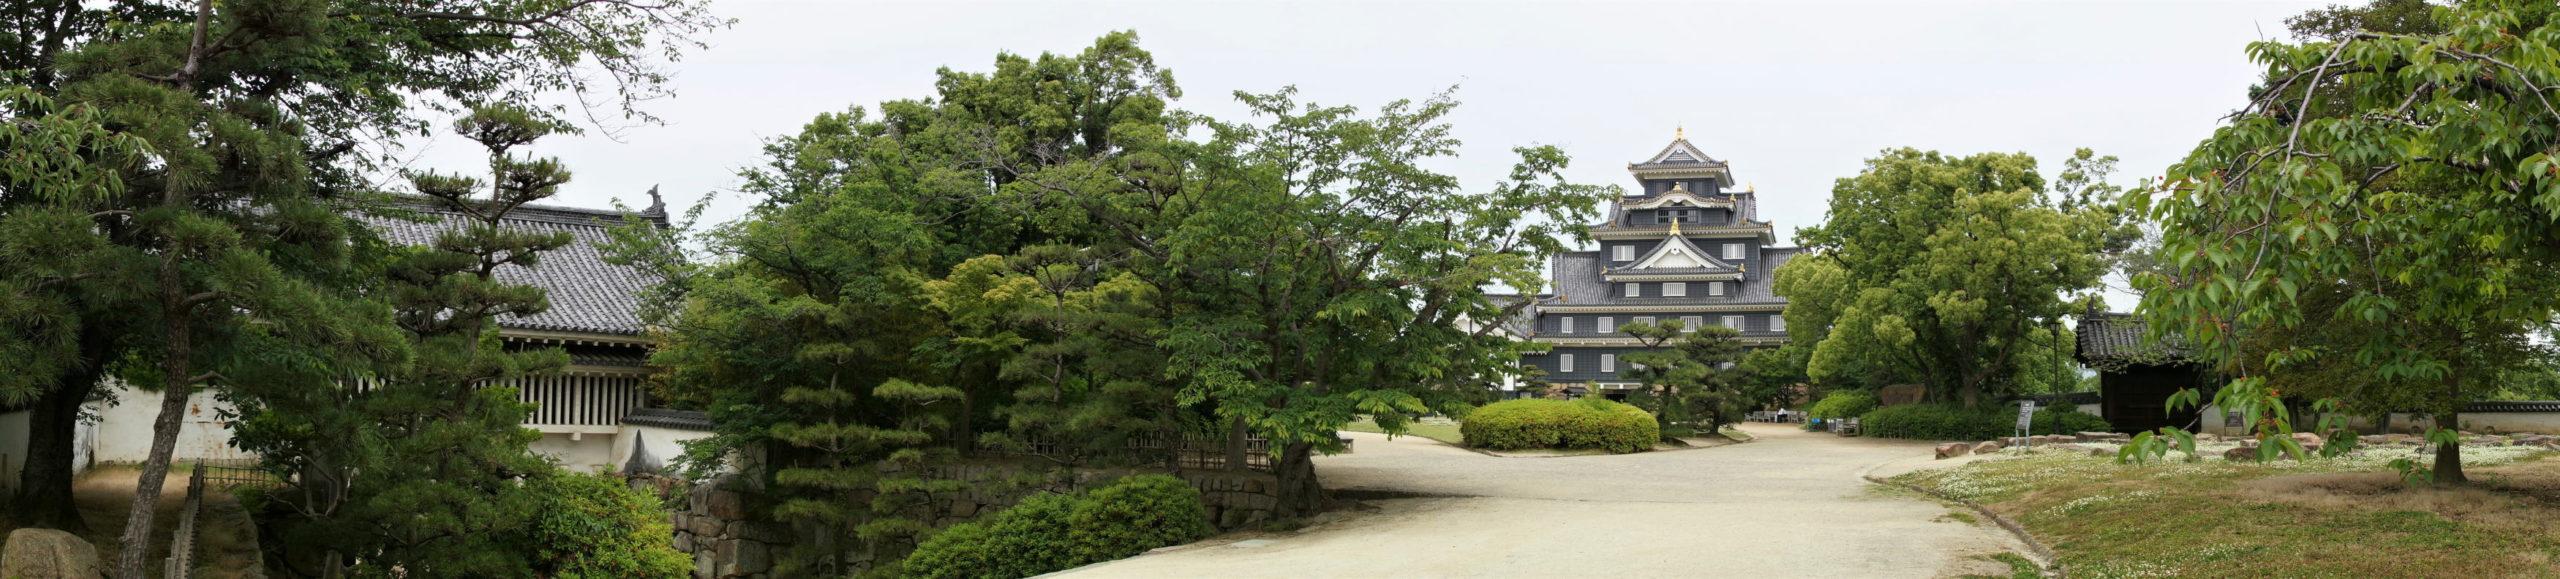 岡山城 本丸 本段 パノラマ